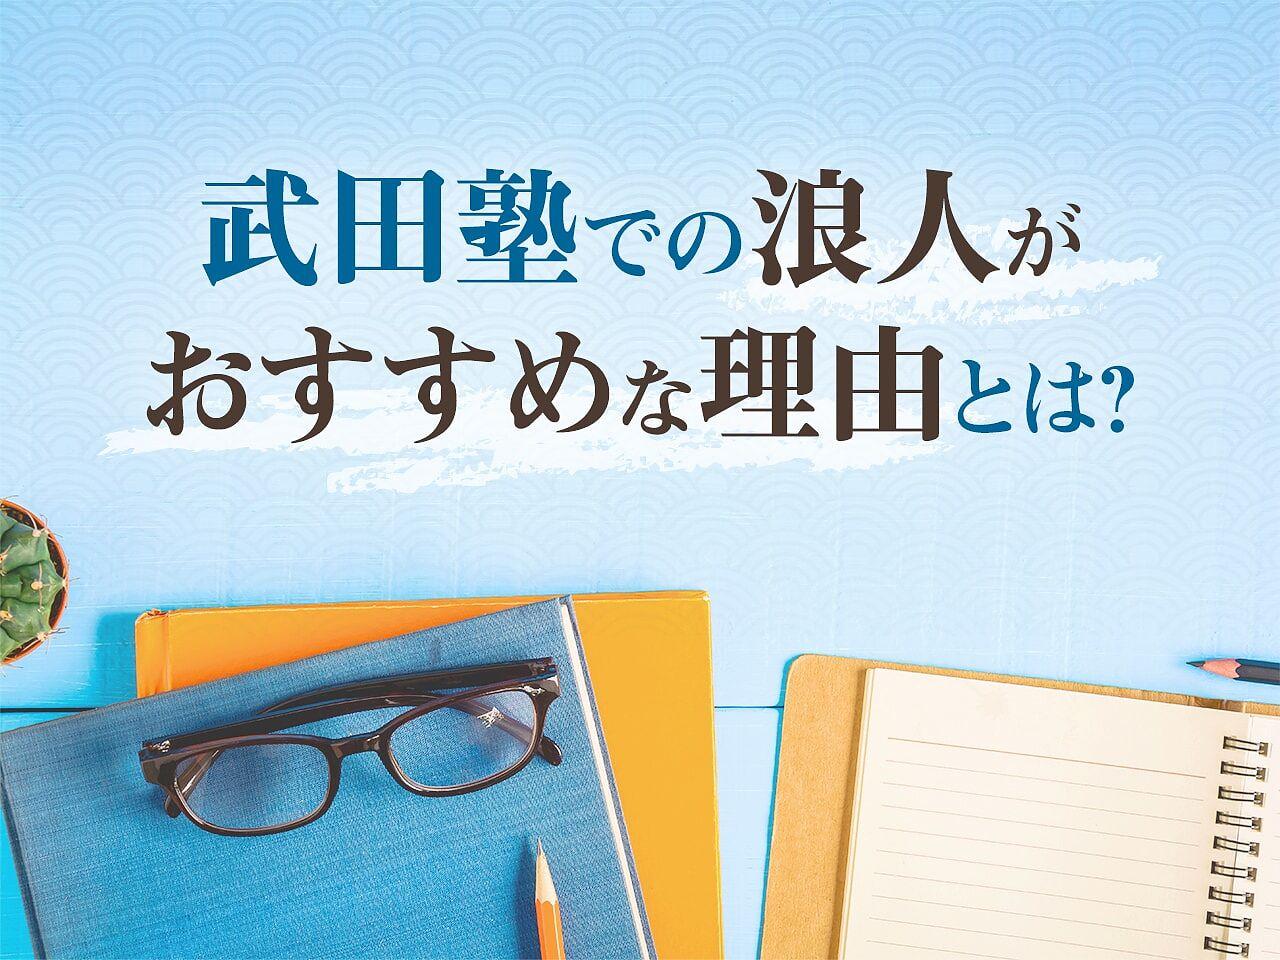 武田塾での浪人がおすすめな理由とは?浪人を成功させる方法や年間費用を徹底解説!の画像